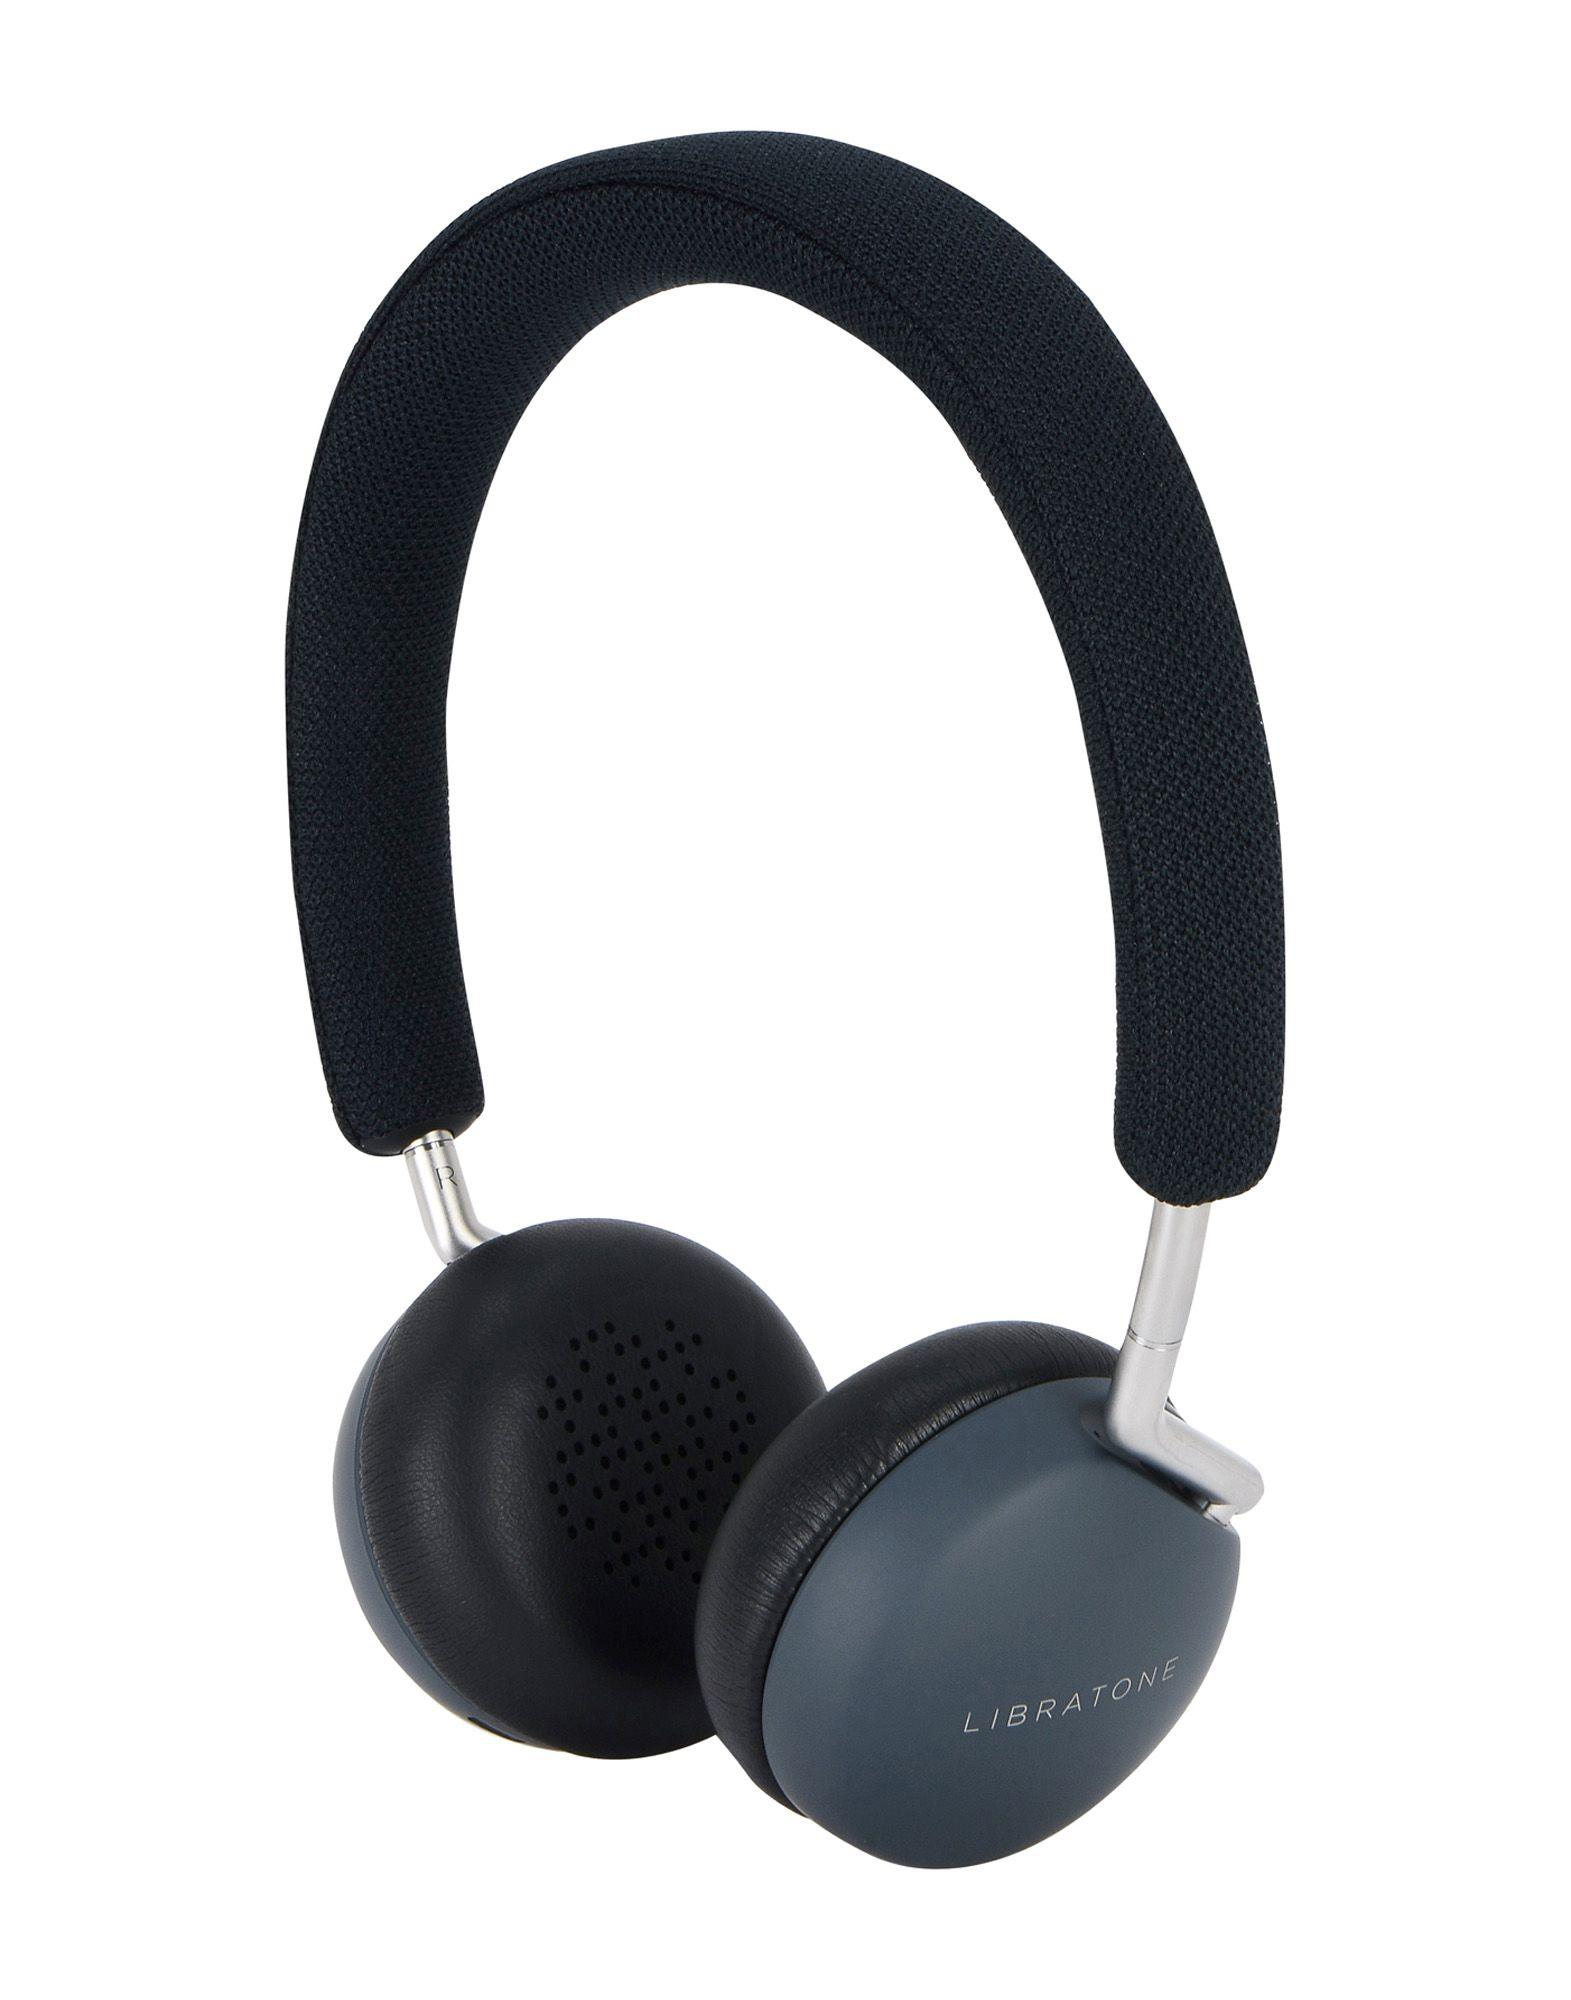 LIBRATONE Unisex Kopfhörer Farbe Schwarz Größe 1 jetztbilligerkaufen